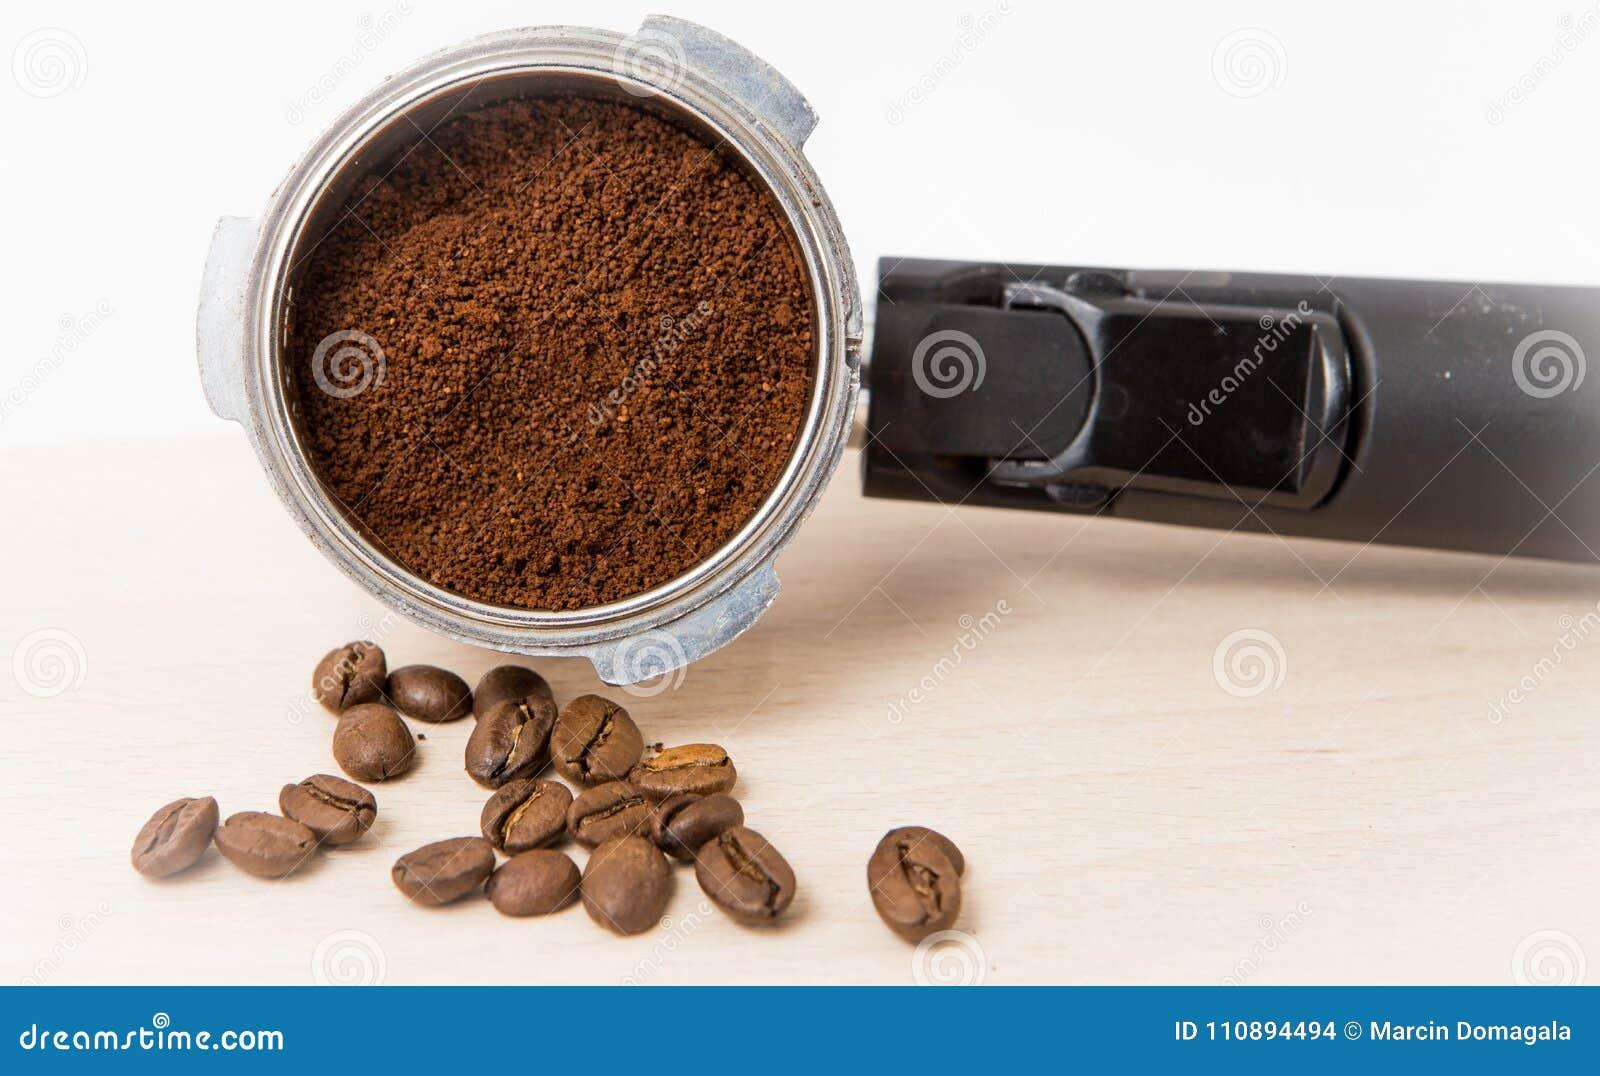 Filtro de café del café express con los argumentos apisonados listos para ser insertado en la máquina